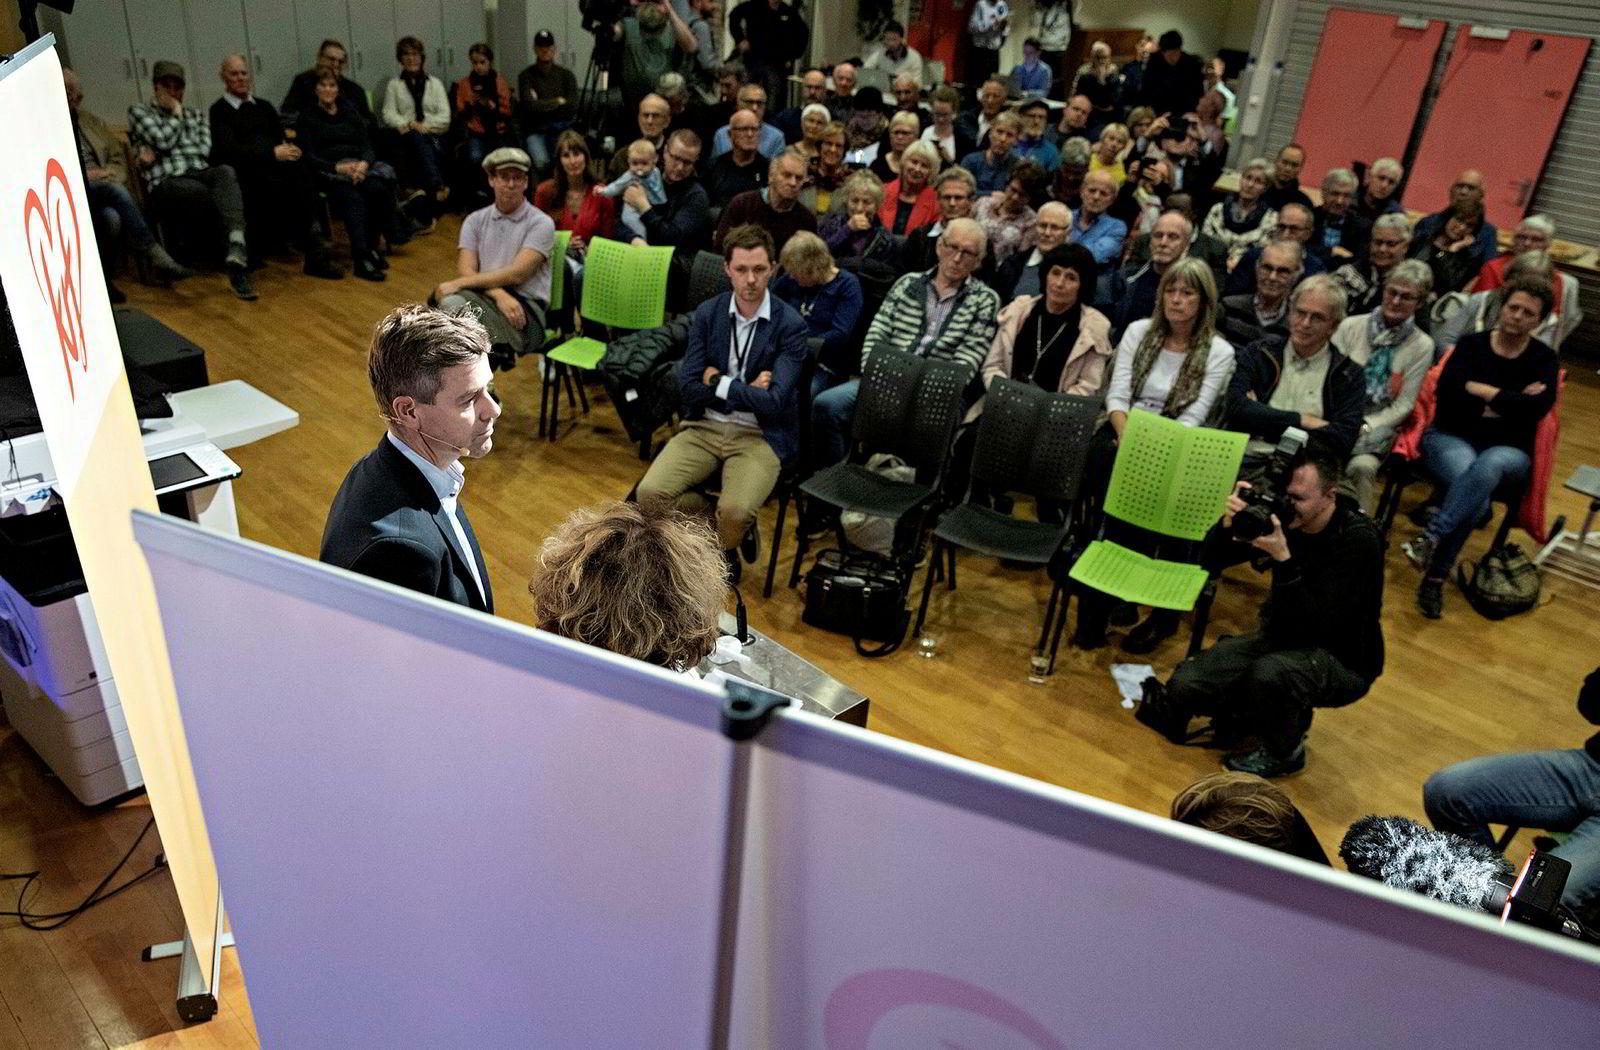 Knut Arild Hareide og Olaug Bollestad begynte å snakke til forsamlingen rundt klokken 19.